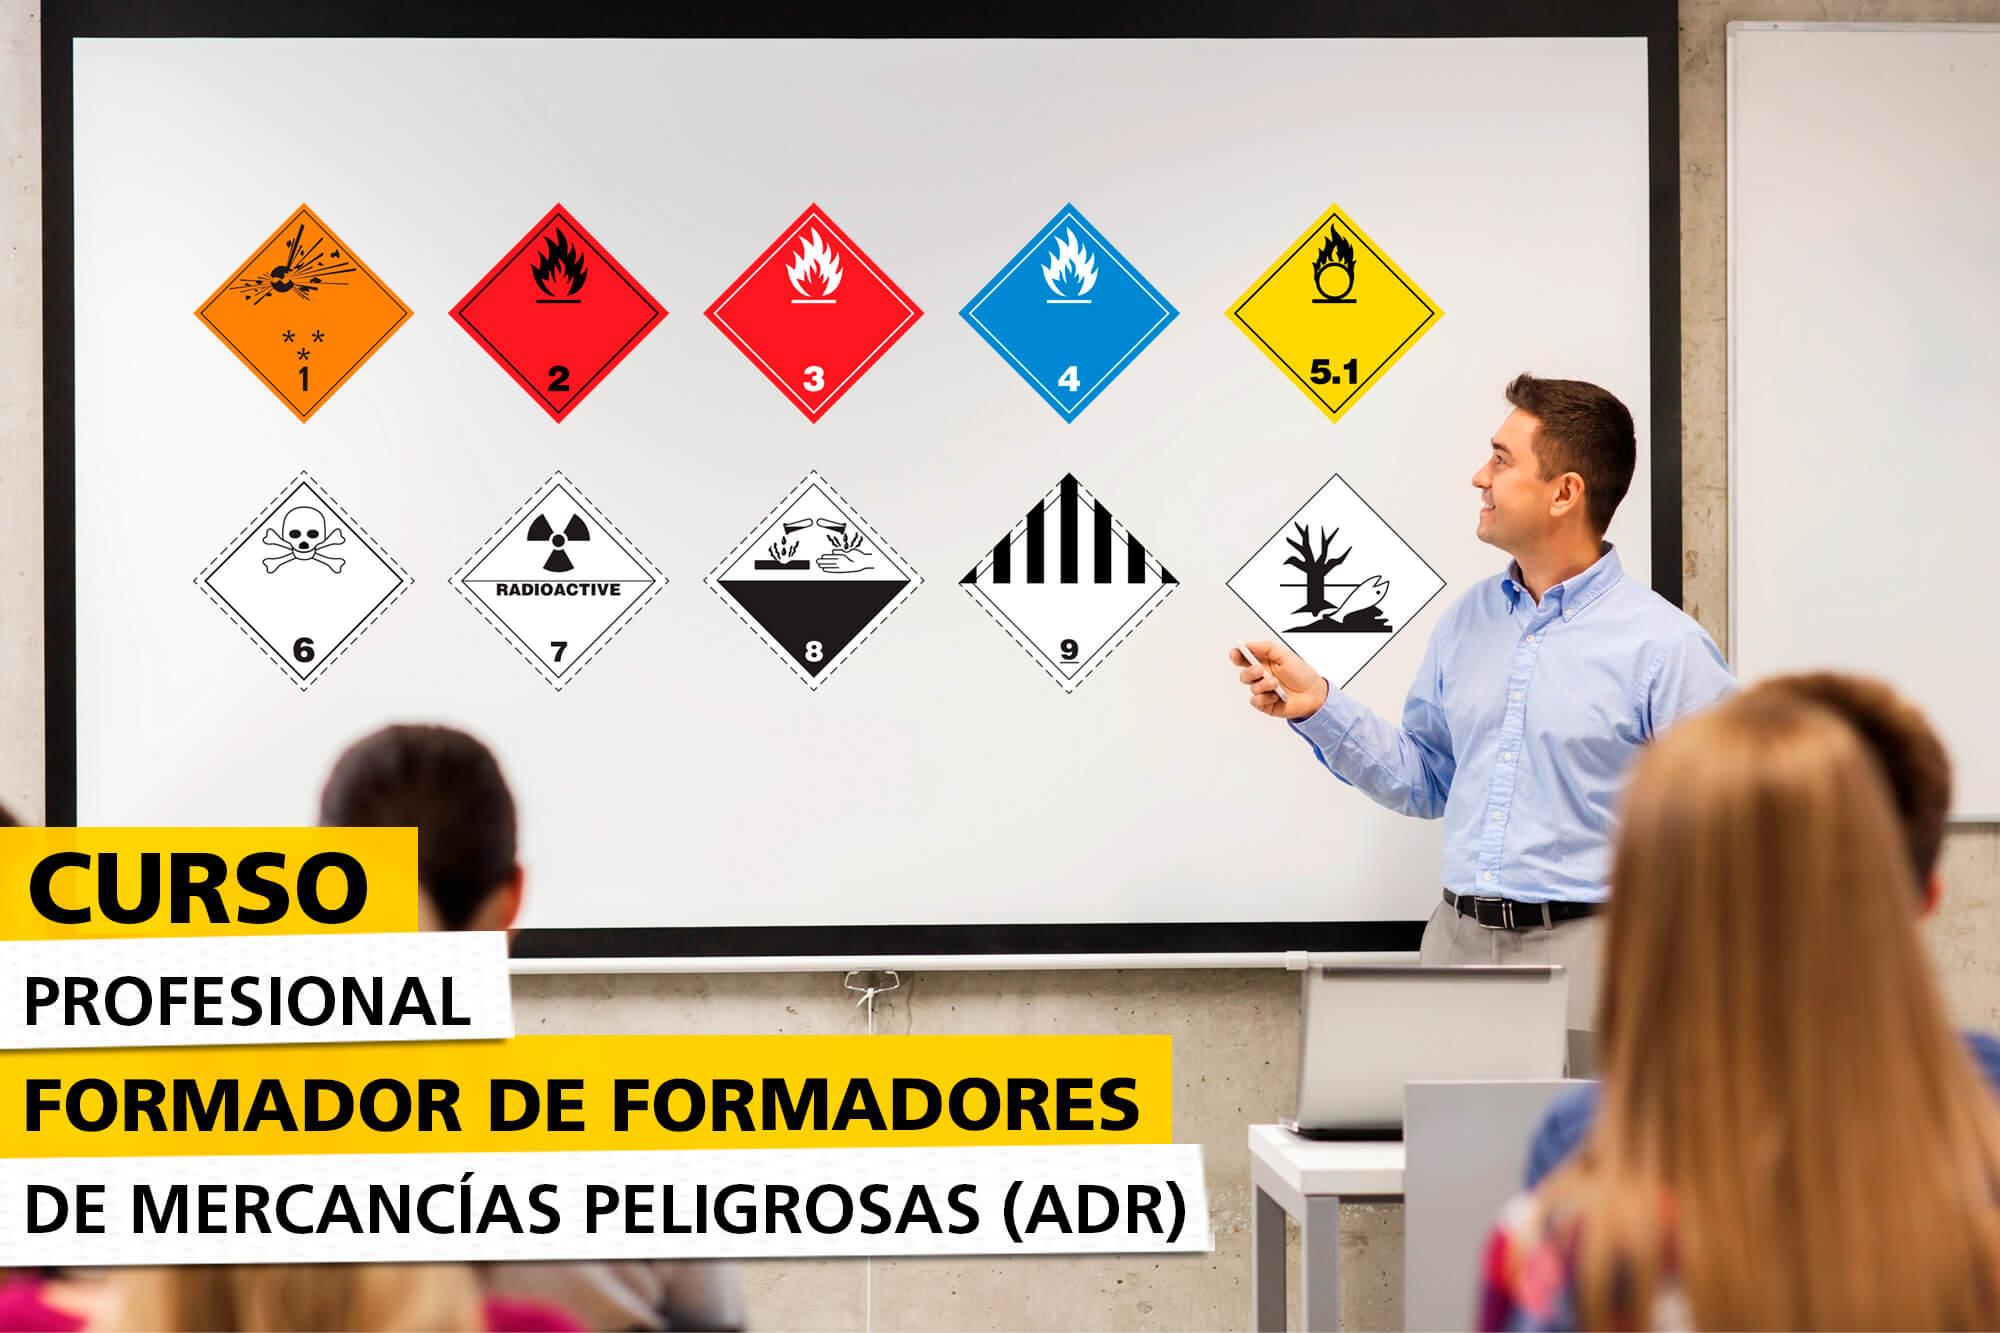 CP-Formador-formadores-autoescuelas-mercancías-peligrosas-img-destacada-v1